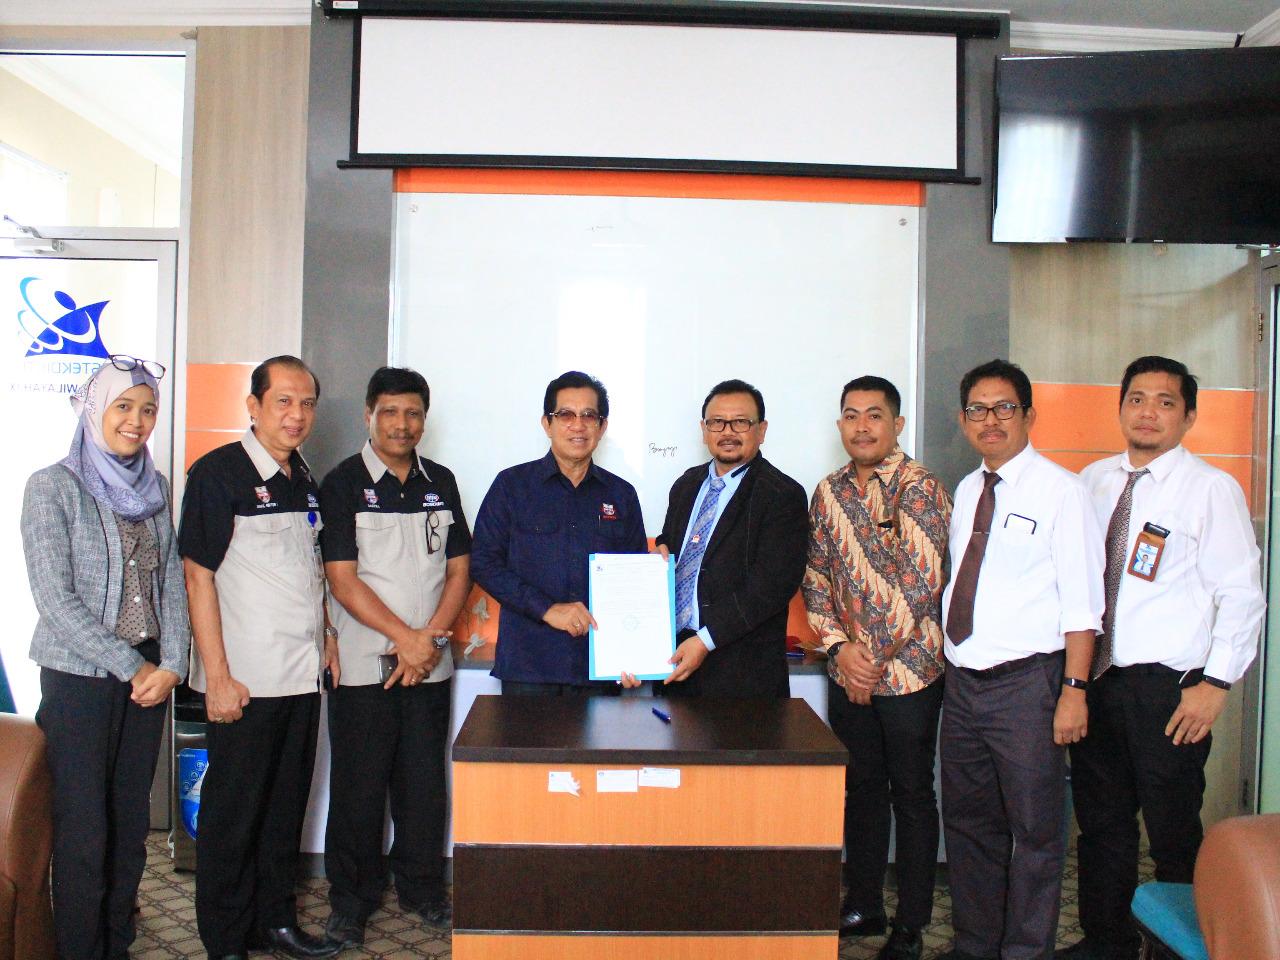 Unibos PT Swasta Pertama Terima SK Izin Pembukaan Prodi Bahasa Mandarin di Indonesia Timur